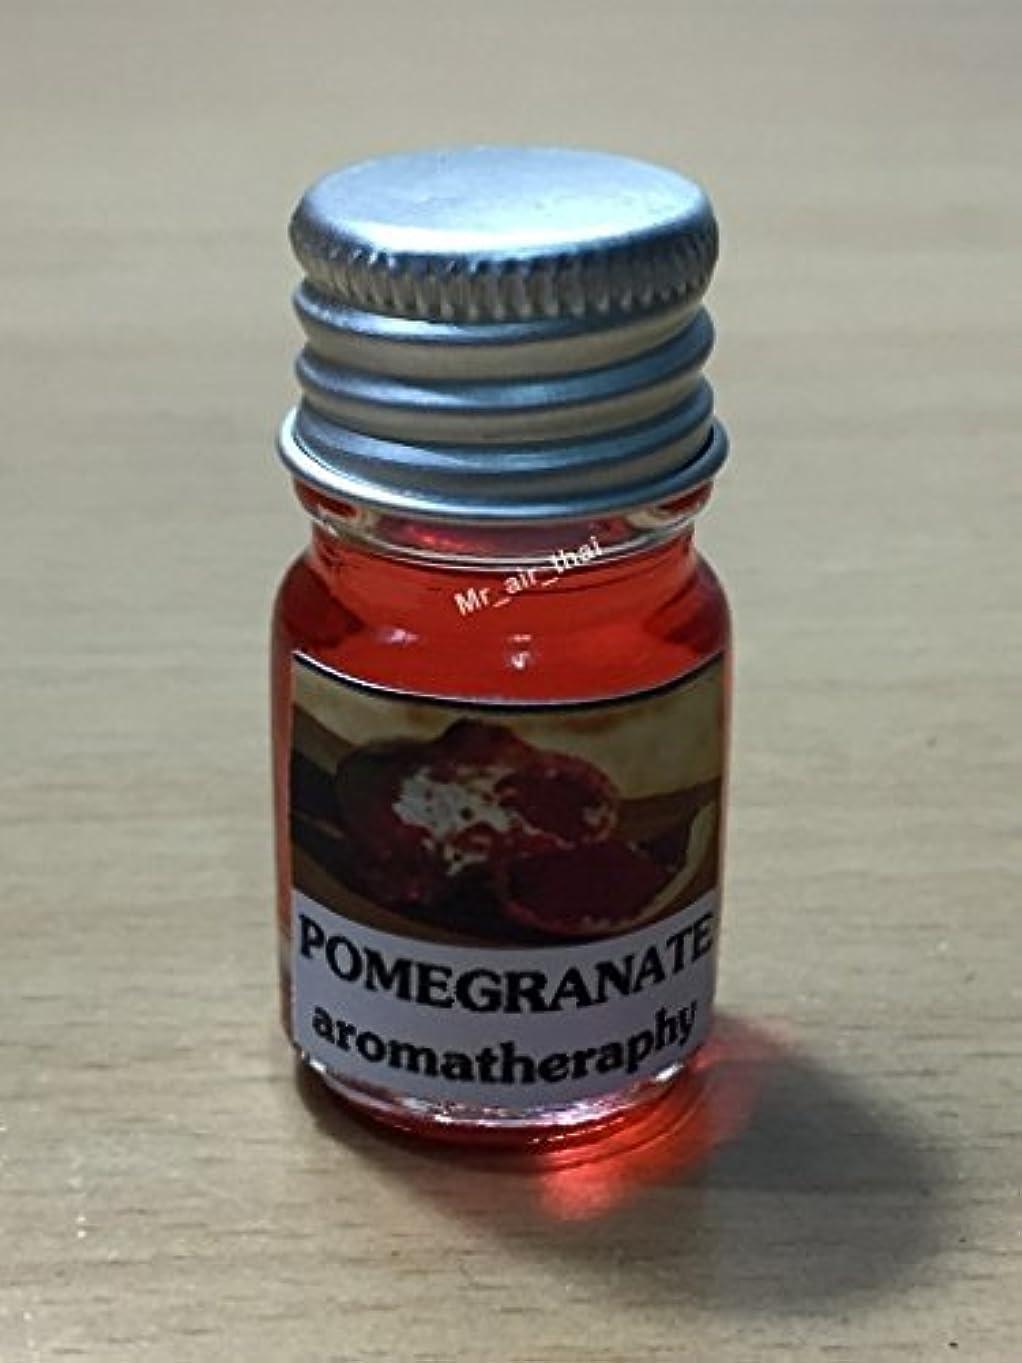 それにもかかわらず爬虫類自発的5ミリリットルアロマザクロフランクインセンスエッセンシャルオイルボトルアロマテラピーオイル自然自然5ml Aroma Pomegranate Frankincense Essential Oil Bottles Aromatherapy...